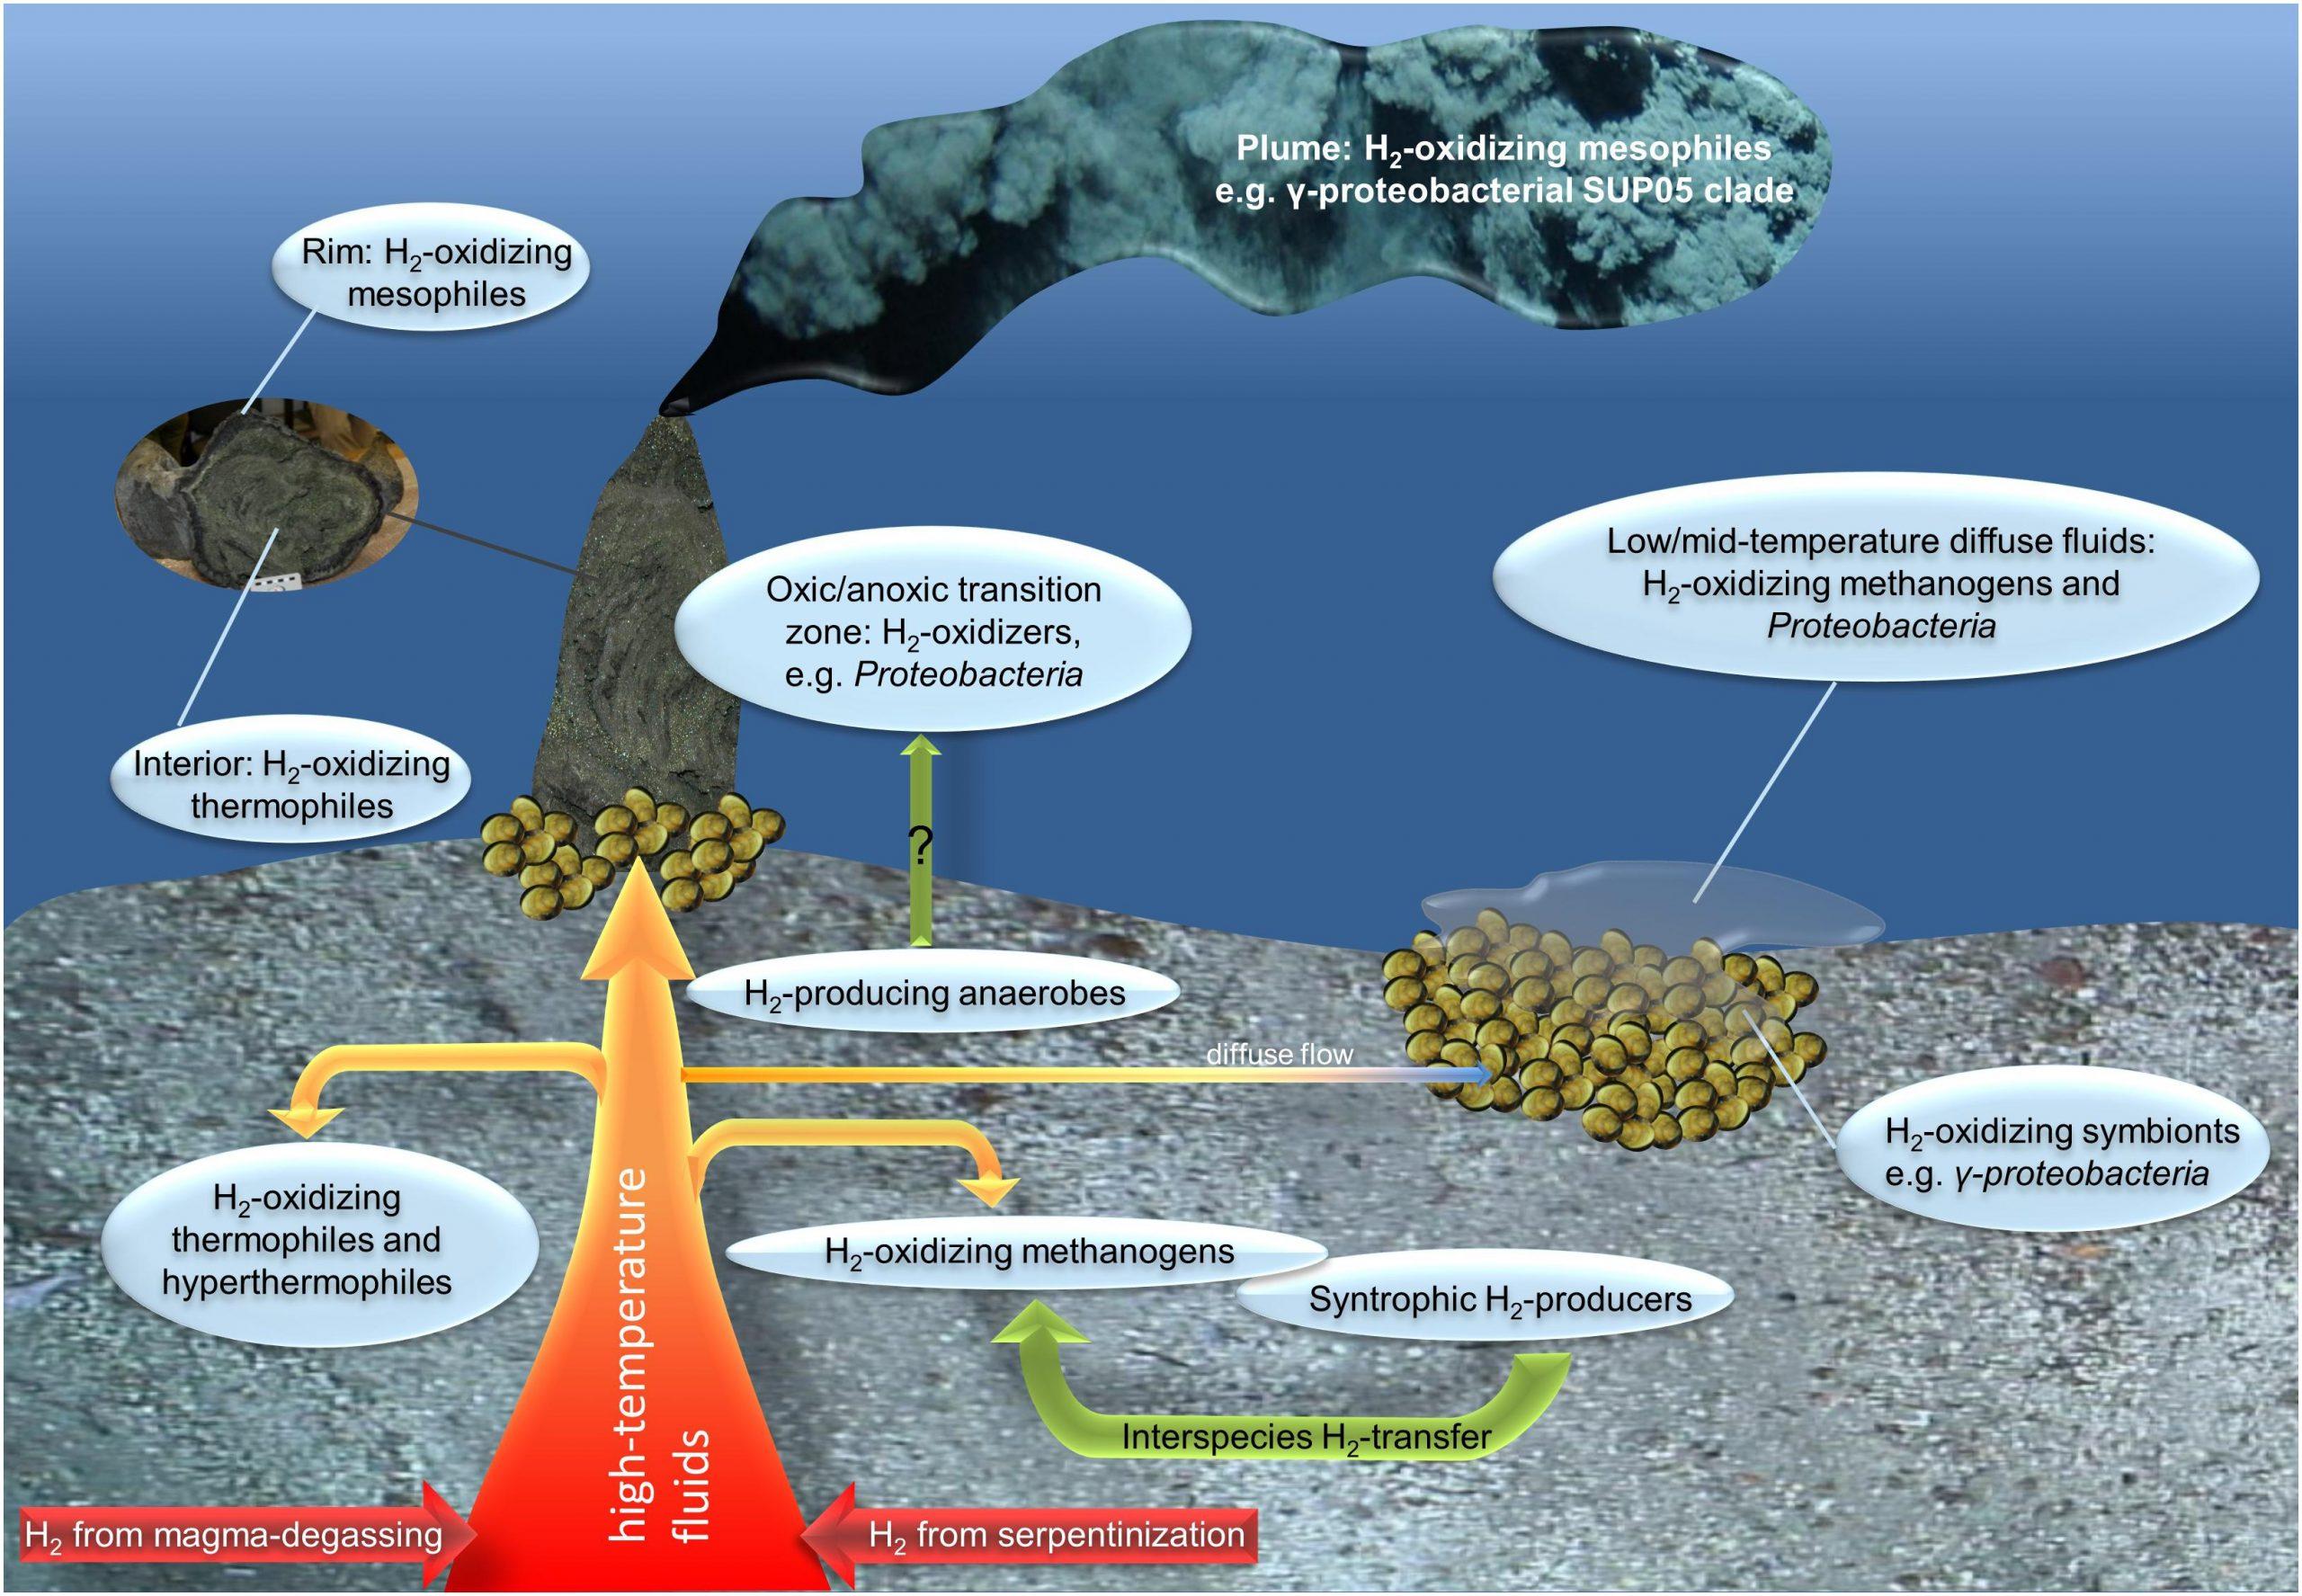 اكتشاف نمط جديد من التمثيل الغذائي للبكتيريا في أعماق المحيط - أسيتو باكتيريوم وودي - جراثيم تعيش في أمعاء النمل الأبيض - البكتيريا المولدة للأسيتات